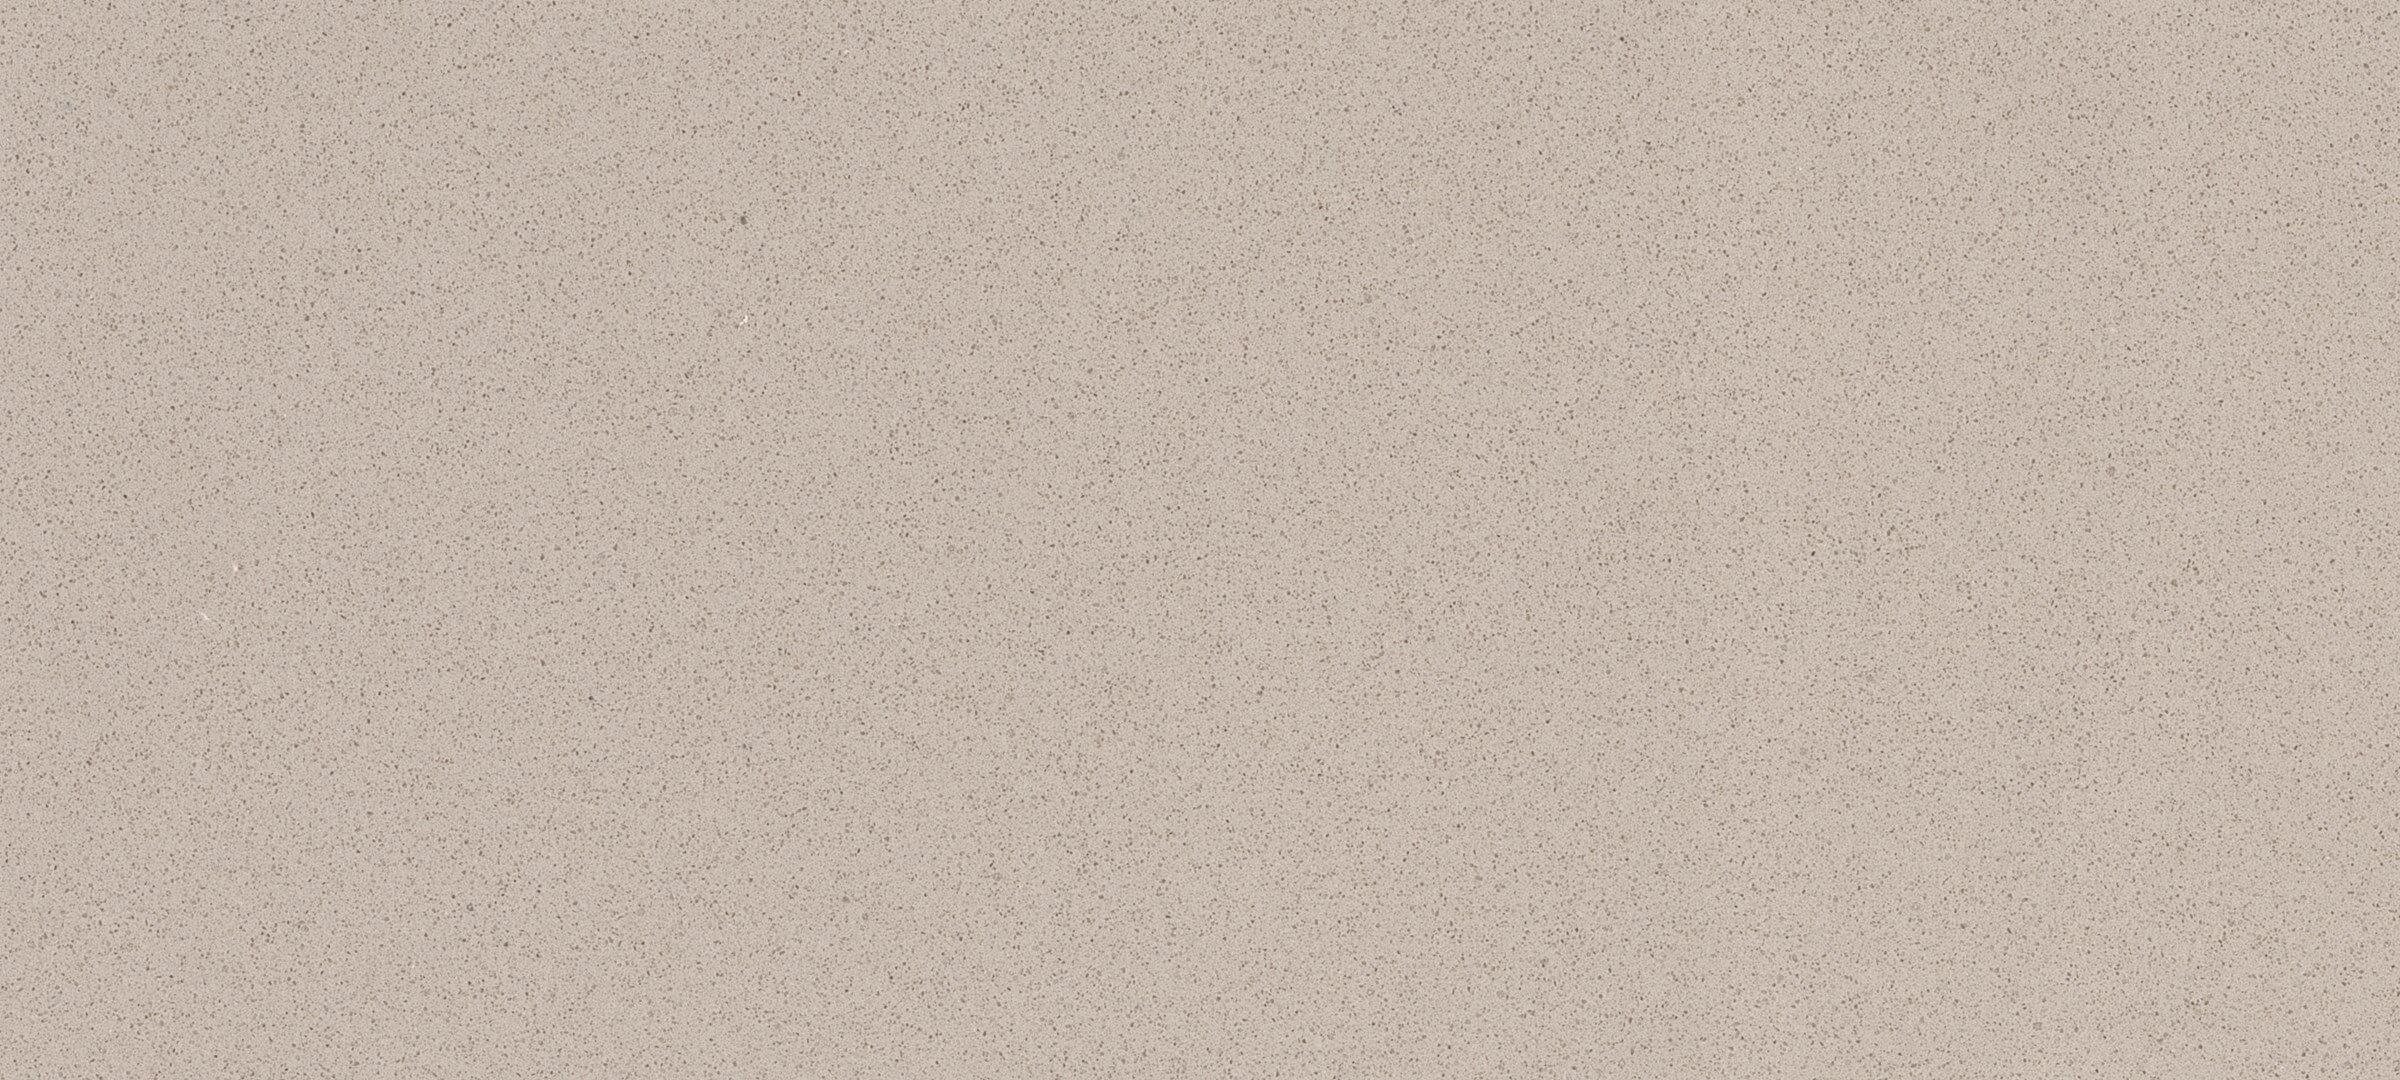 Linen Quartz